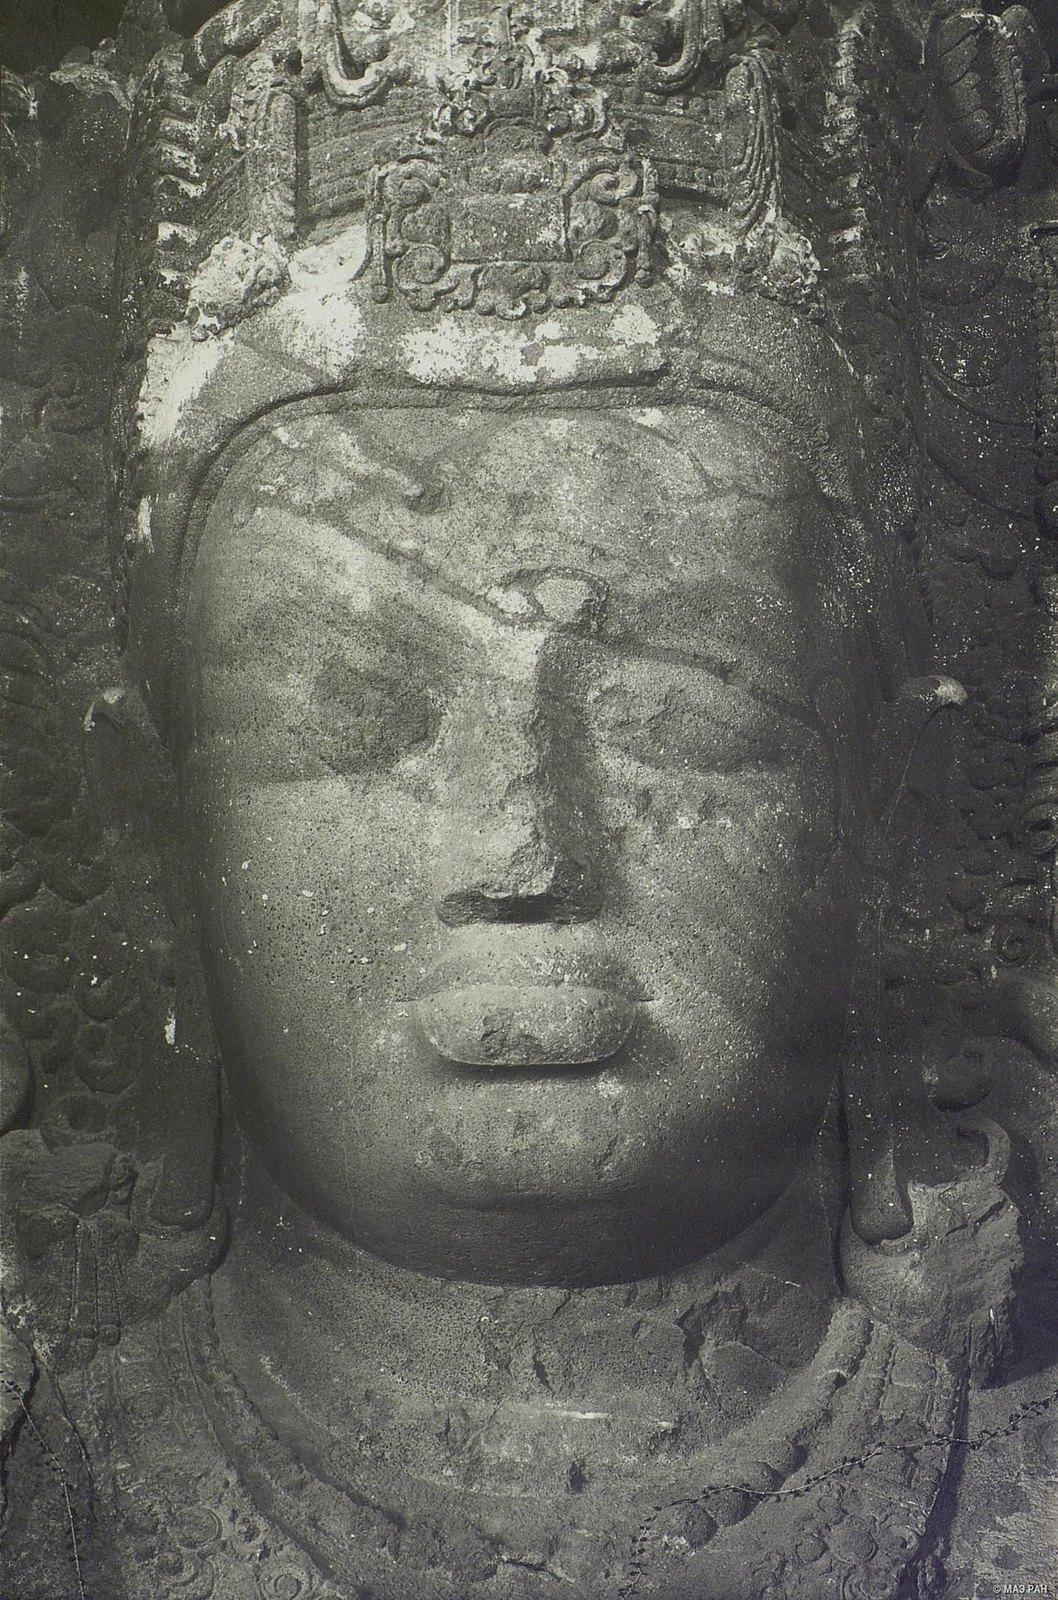 Пещерный храм в Элефанте (деталь скульптурного изображения Тримурти) (2)